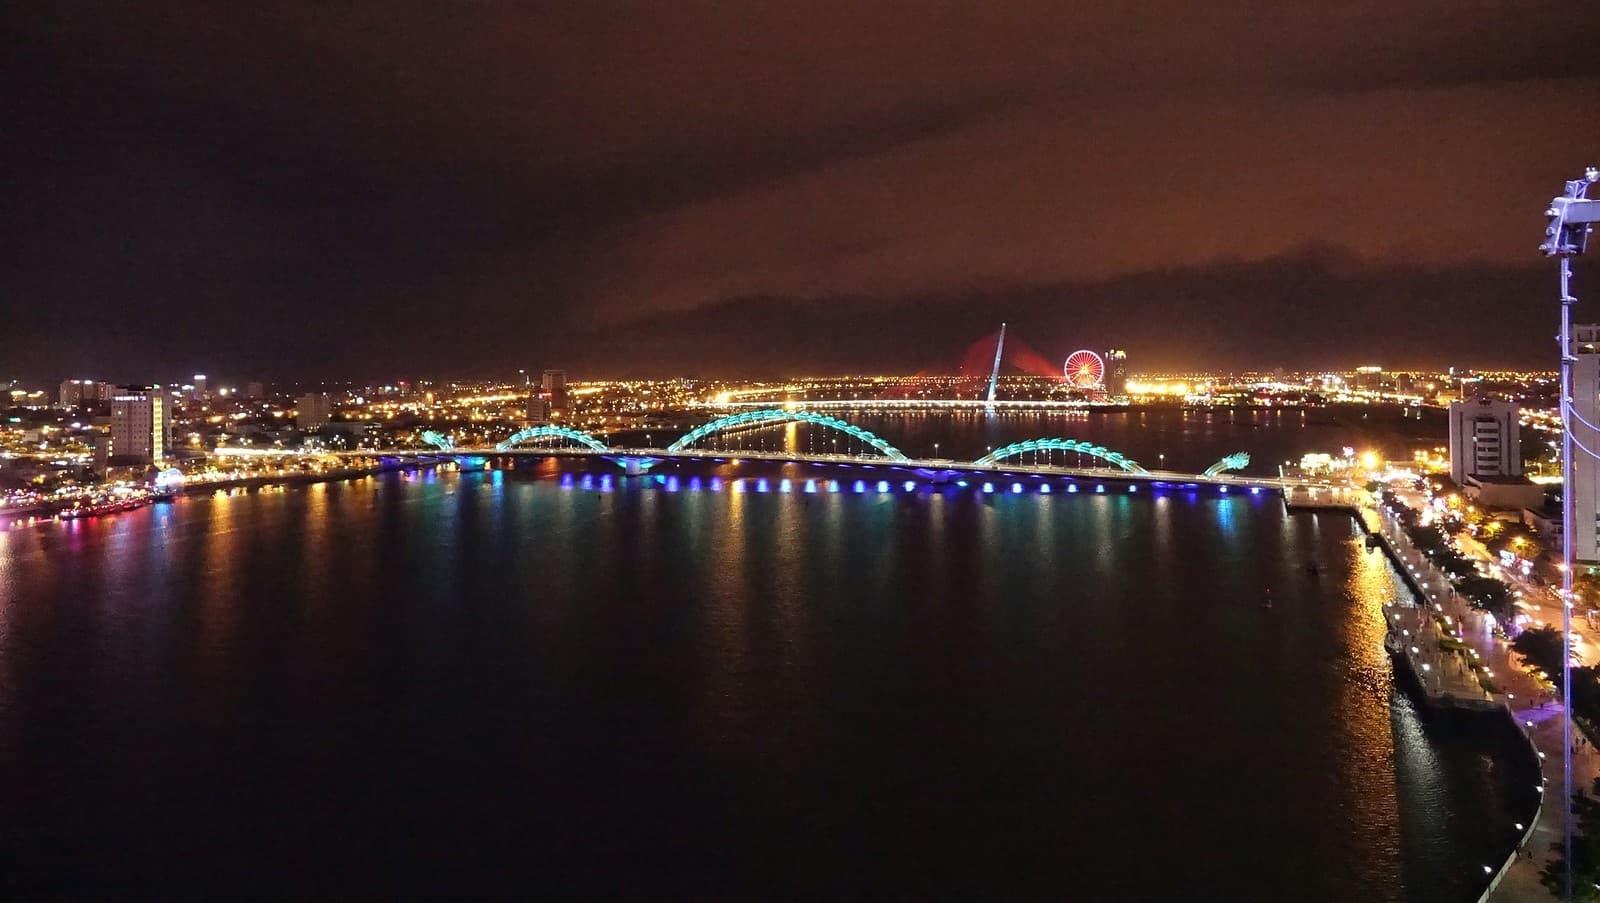 da nang puente dragon luces por la noche